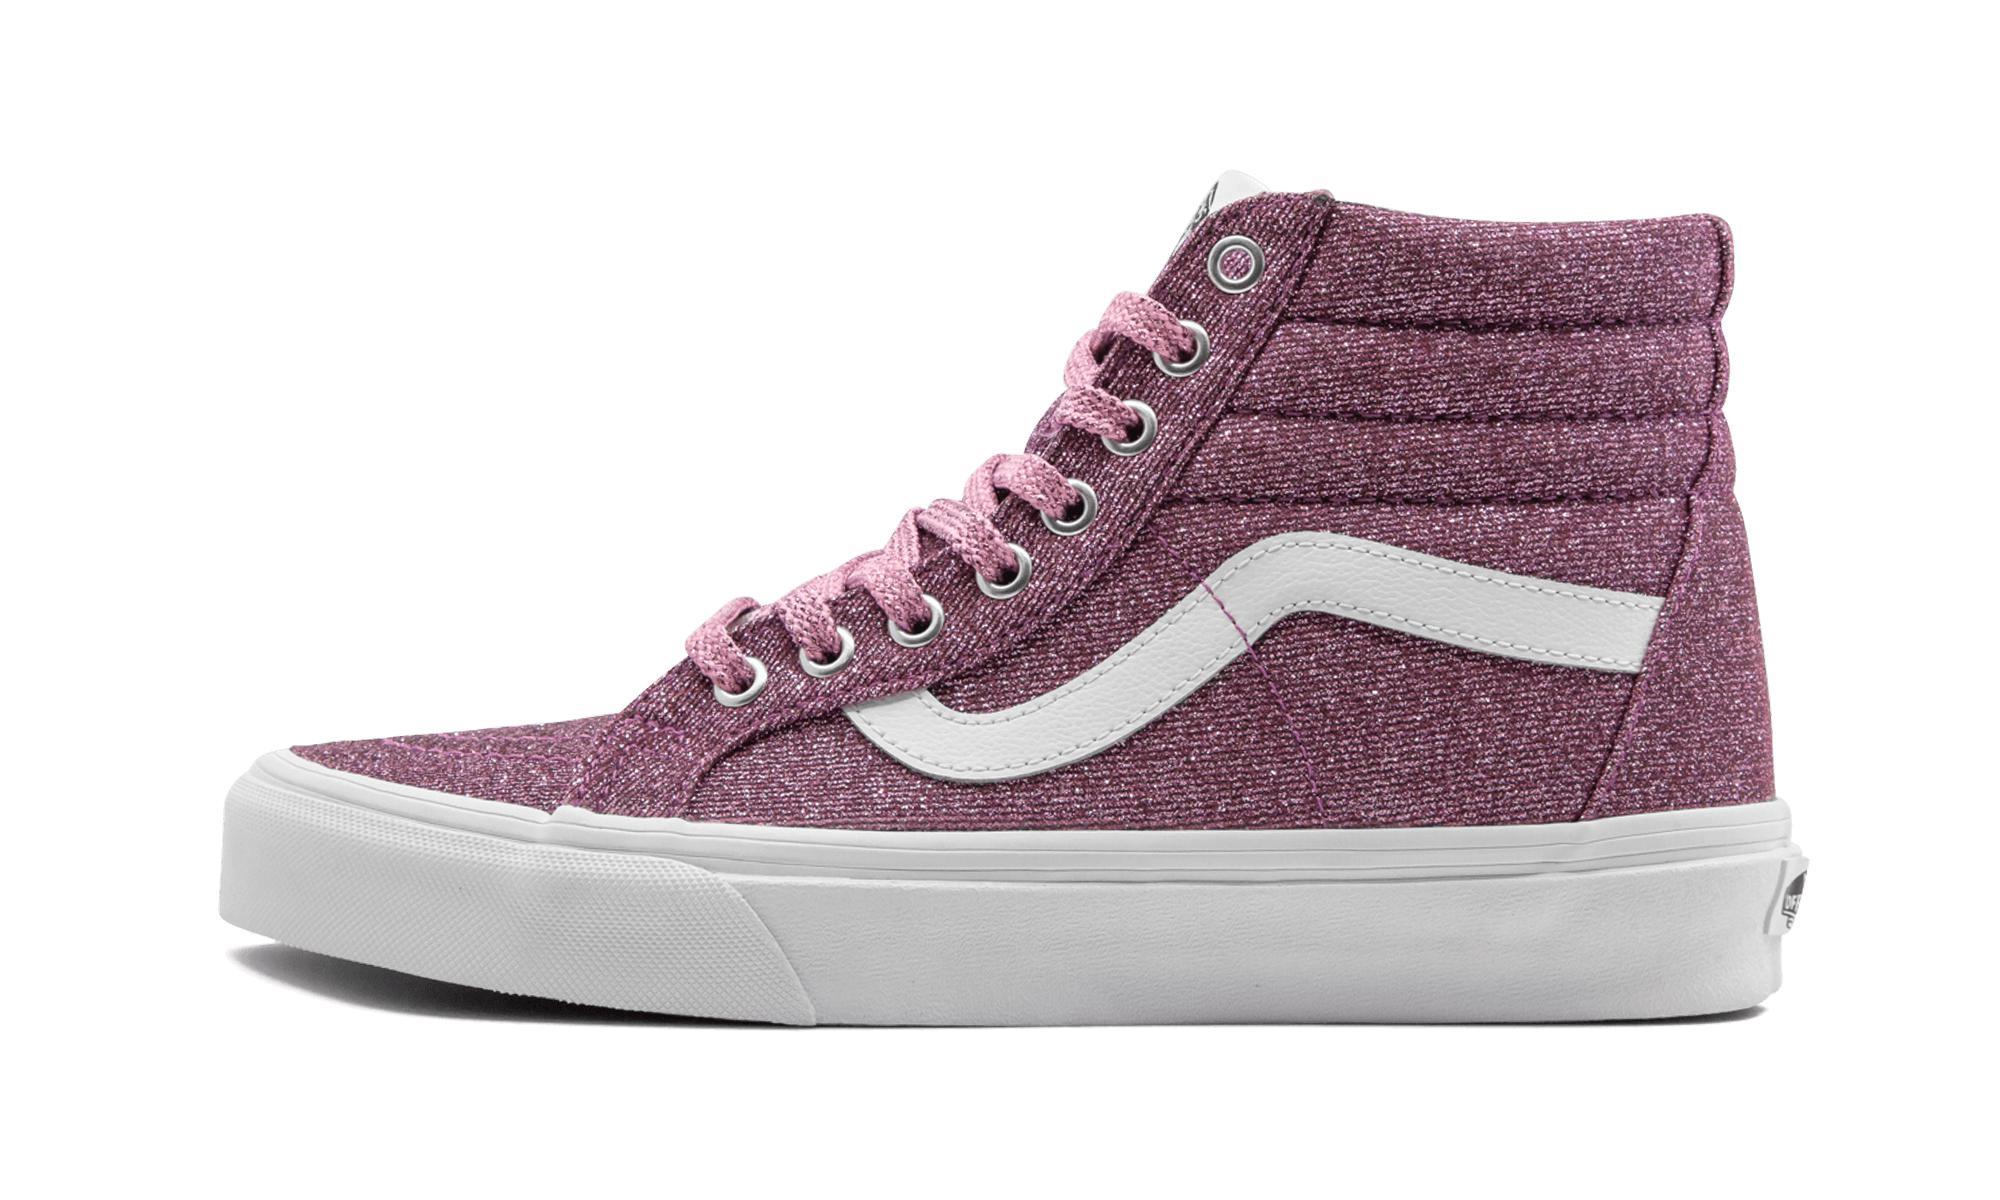 8cae96f137 Lyst - Vans Sk8-hi Reissue (lurex Glitter) in Pink